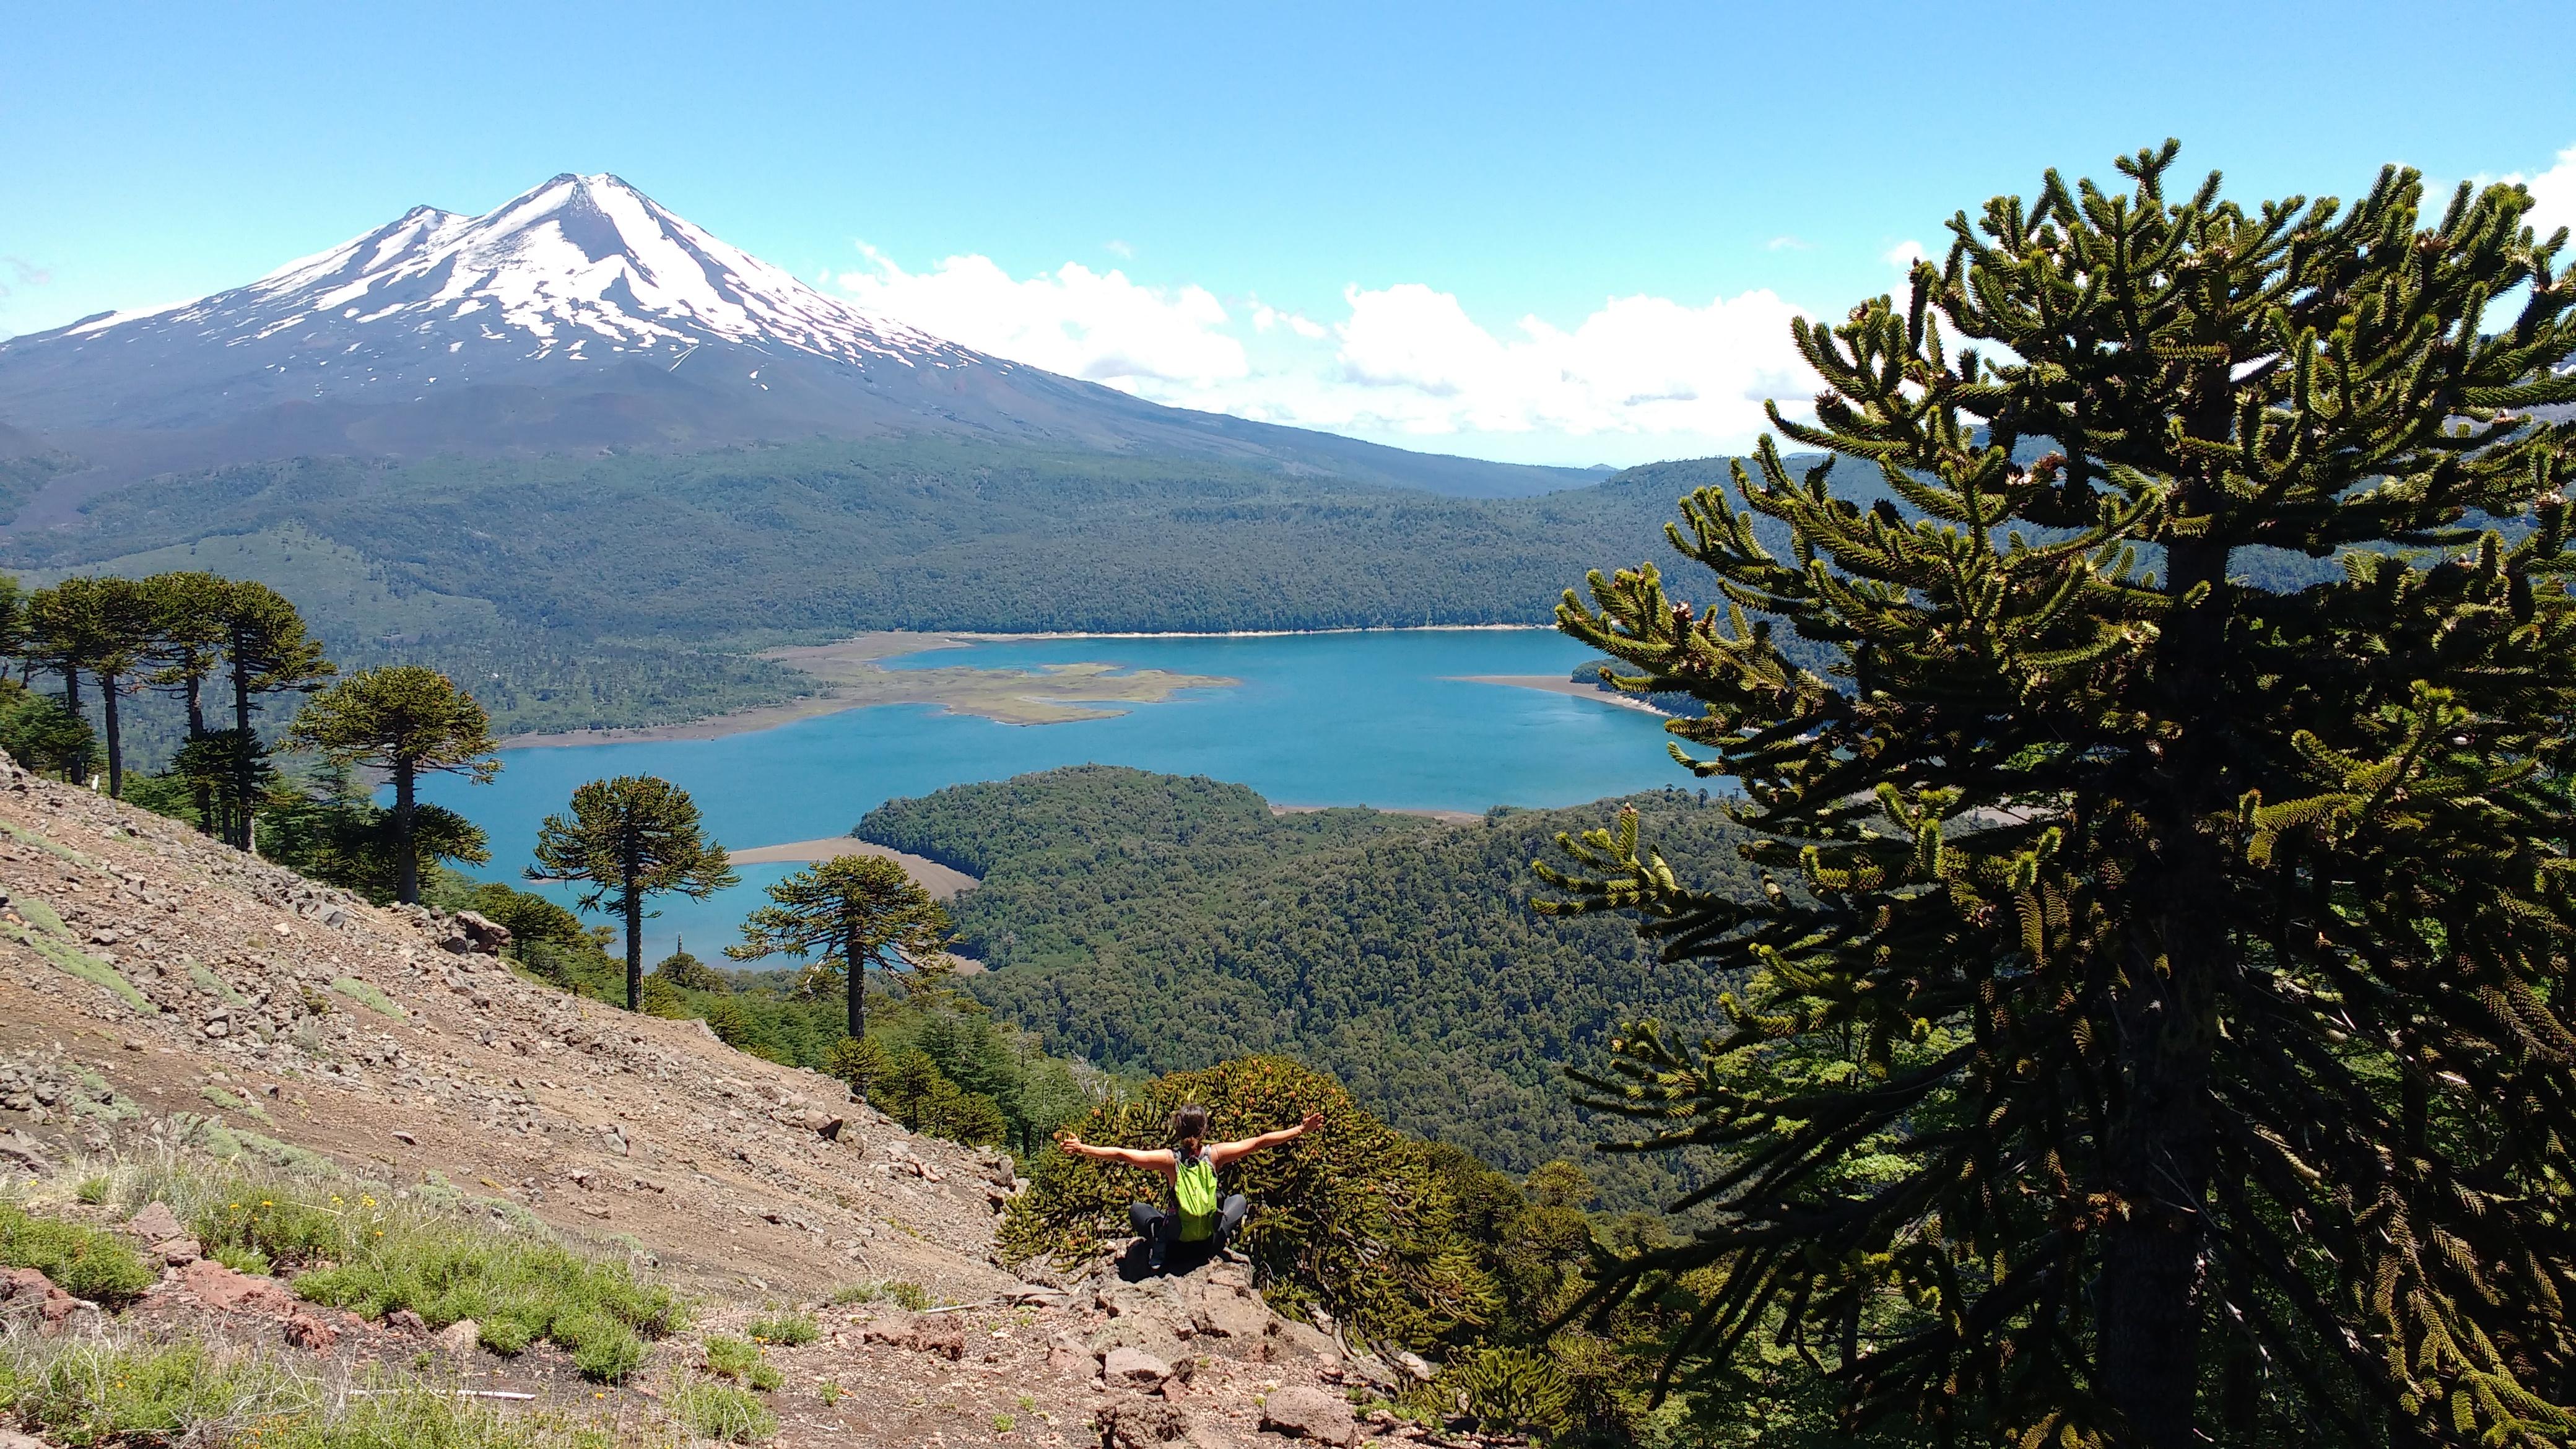 ¿Qué le falta a Chile en conservación y desarrollo sustentable?